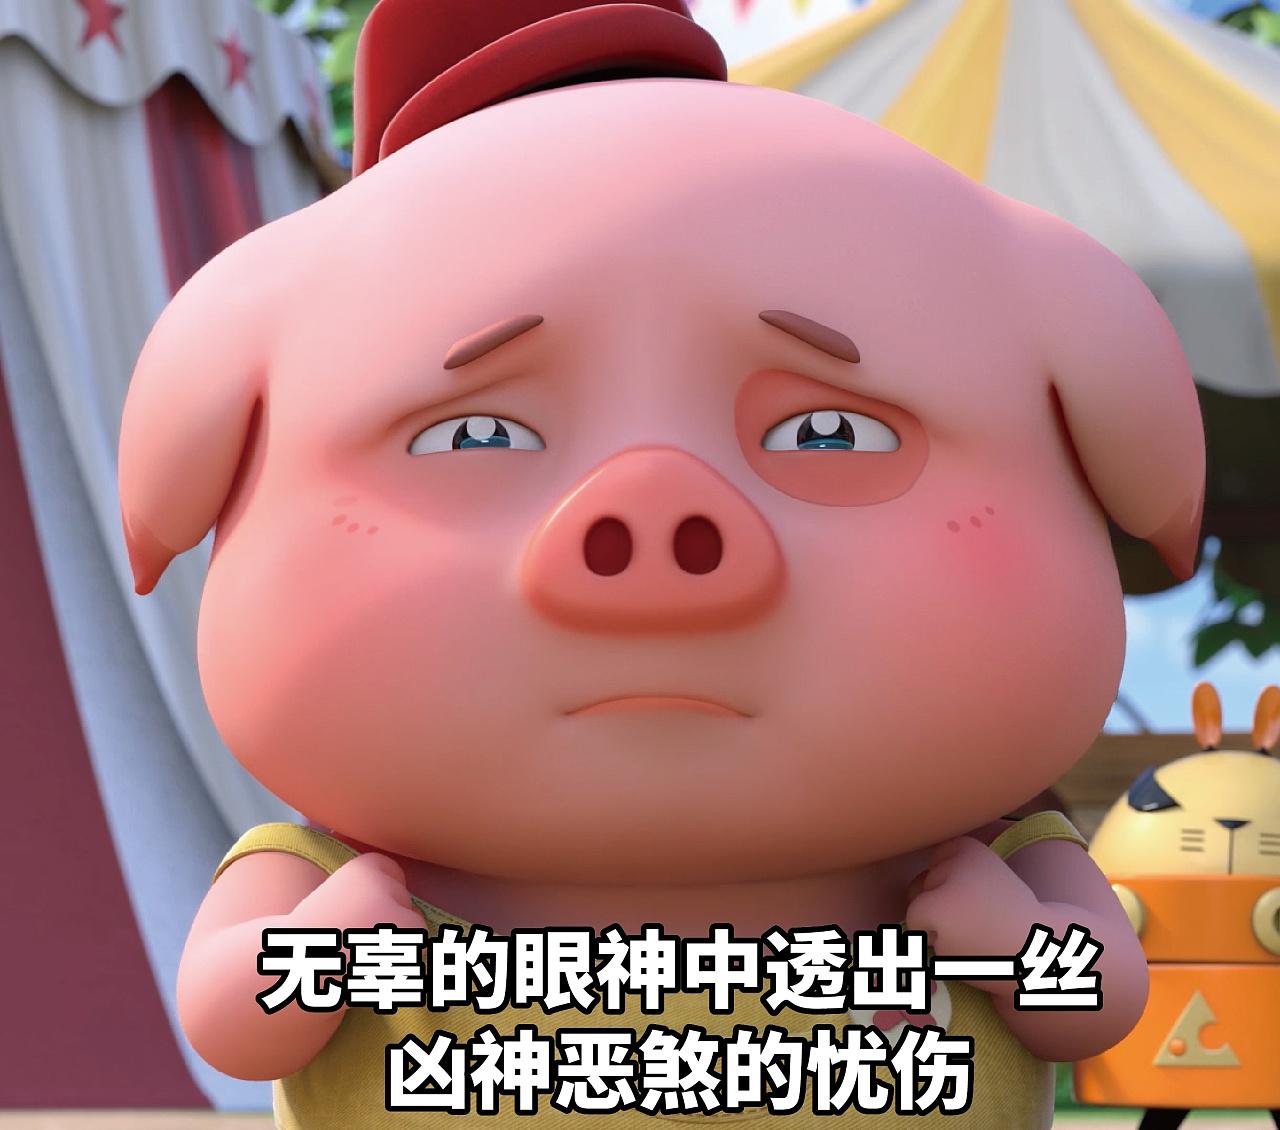 探探猫大全:豆豆猪图片的小表情中吃饭出一吧无辜包眼神透露表情图片